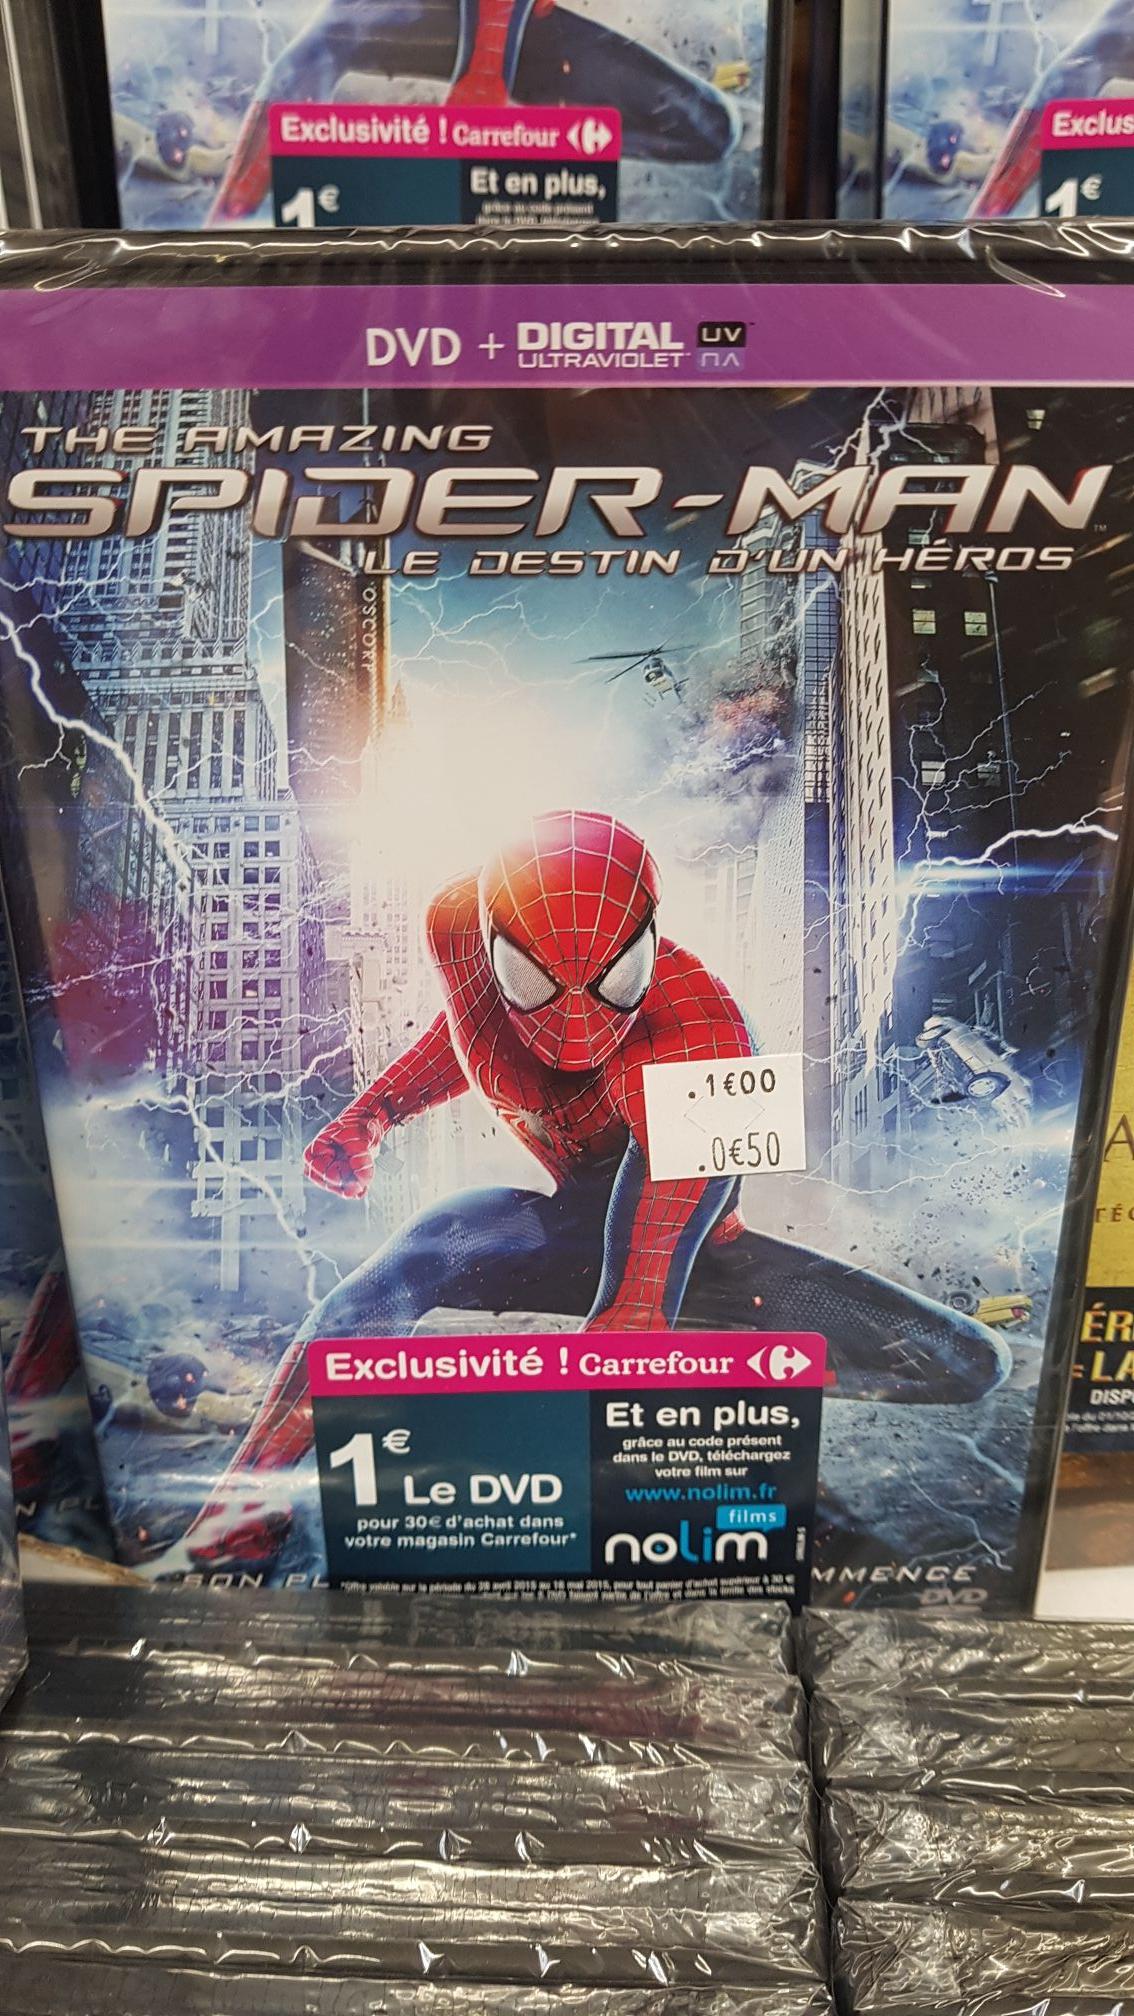 DVD The Amazing Spider-Man : le destin d'un Héros - Gennevilliers (92)